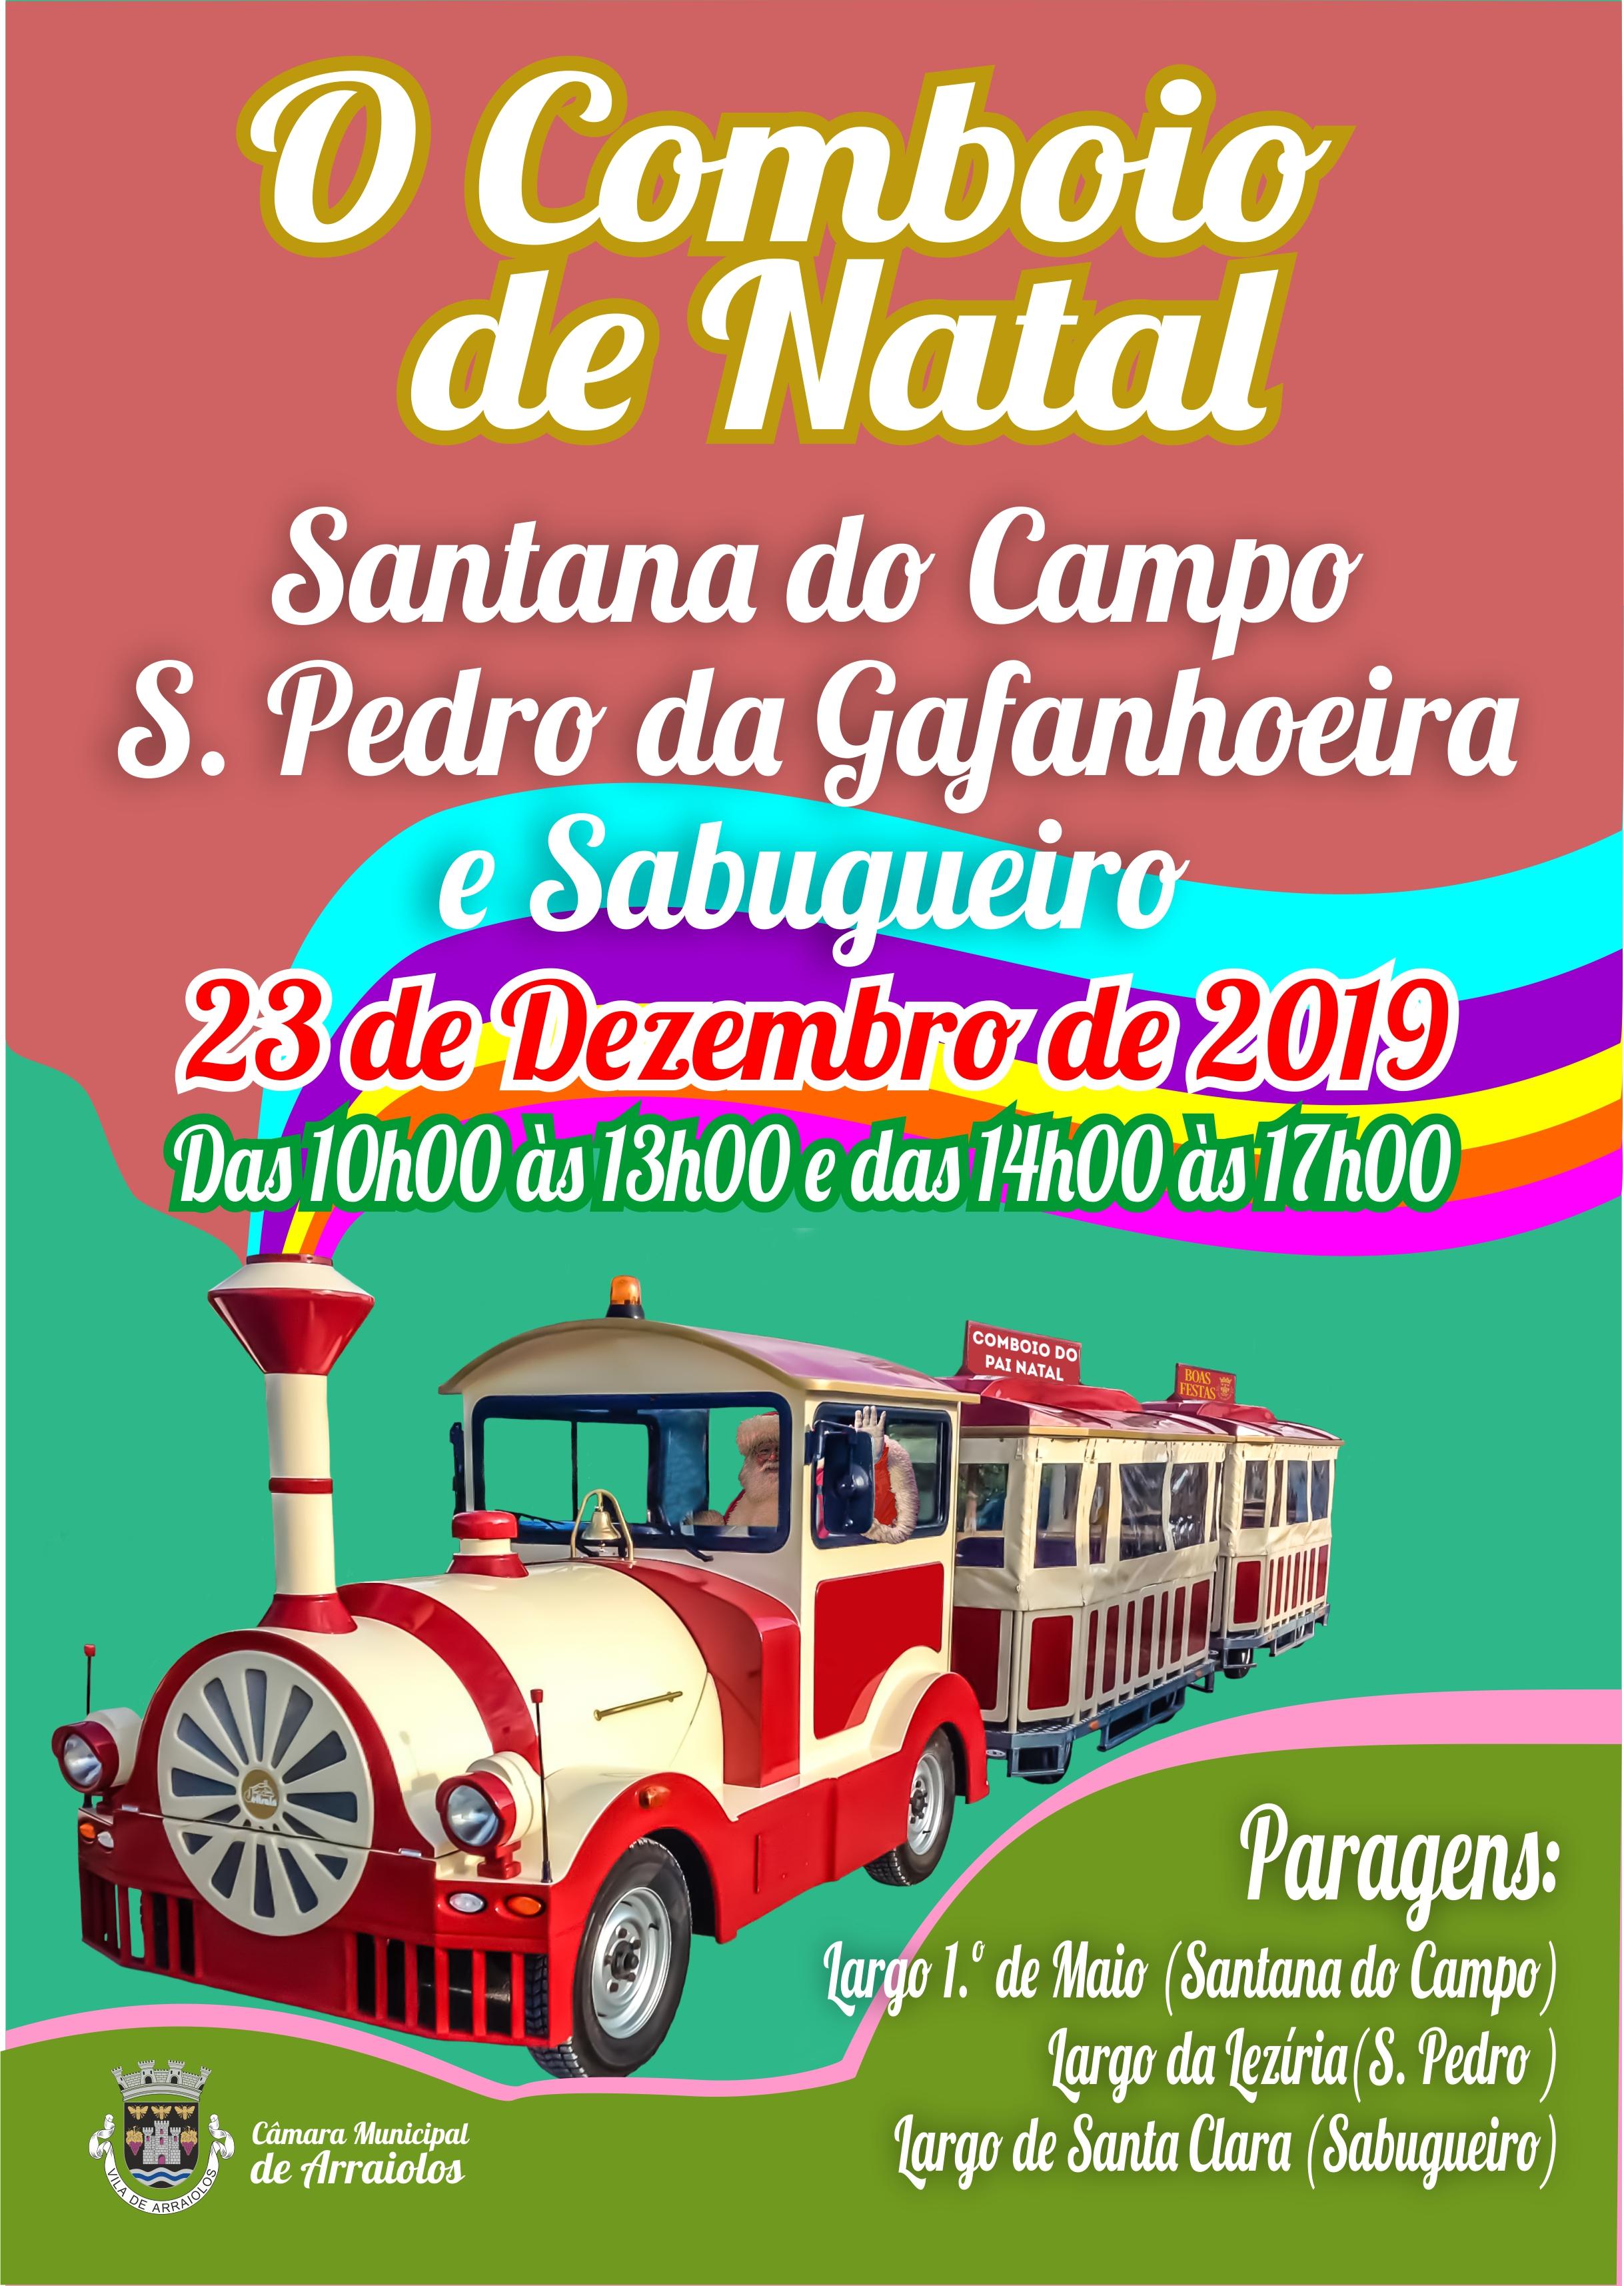 Comboio de Natal Santana_SPedro_Sabugueiro.jpg